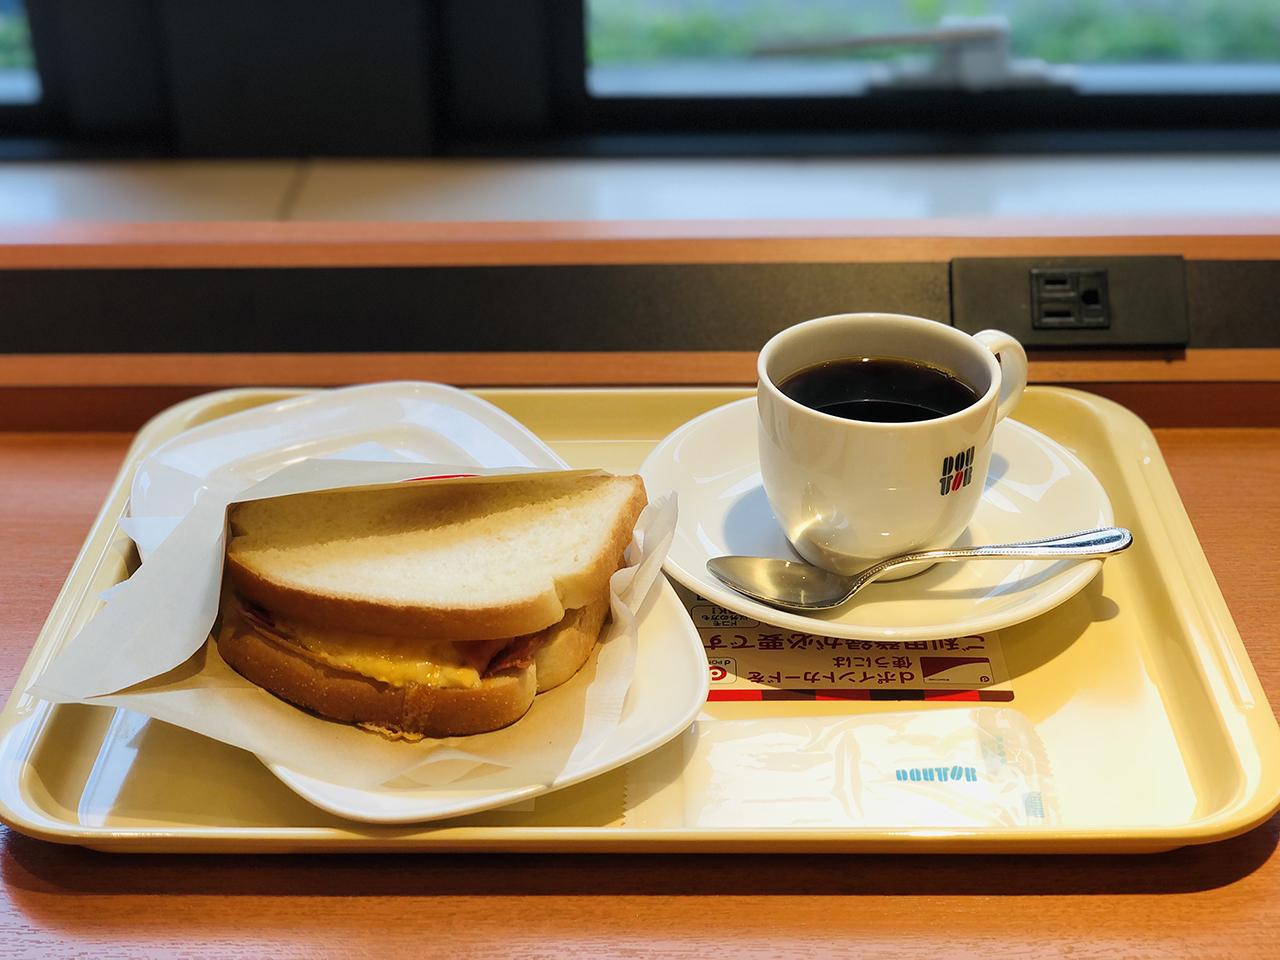 ドトールコーヒーショップ 千葉県庁前駅前店の投稿写真10